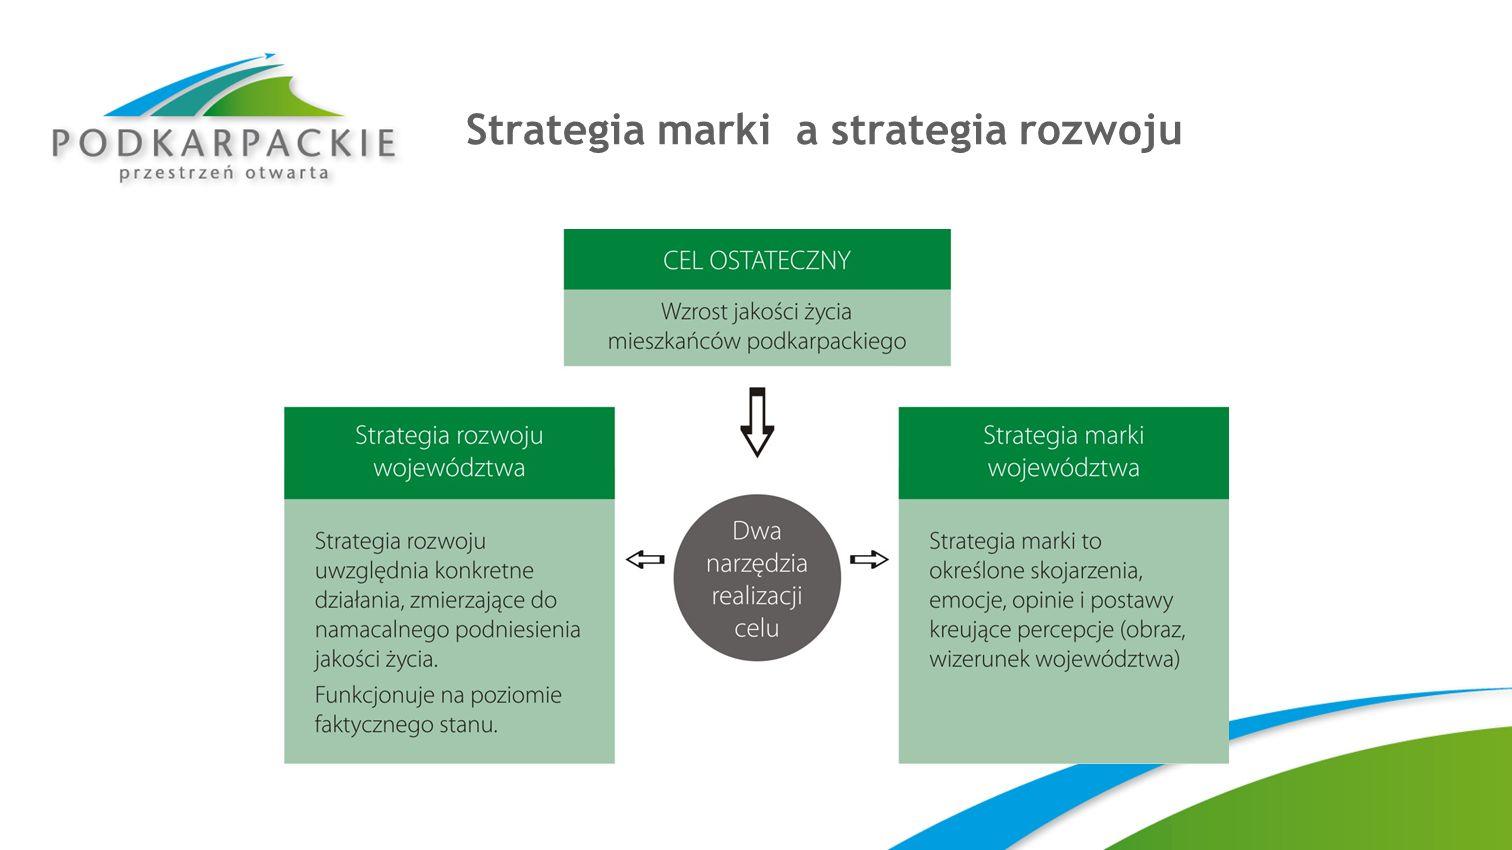 Wybrane źródła informacji wykorzystane przy tworzeniu strategii Dane z badań TNS OBOP i badań własnych DEMO Dane GUS Konsultacje społeczne Expert – Monitor i News Point Strategia dla Polski 2030 Strategia rozwoju województwa podkarpackiego na lata 2007 – 2020 Strategia rozwoju turystyki województwa podkarpackiego na lata 2007 – 2013 Regionalna strategia innowacji województwa podkarpackiego na lata 2005 – 2014